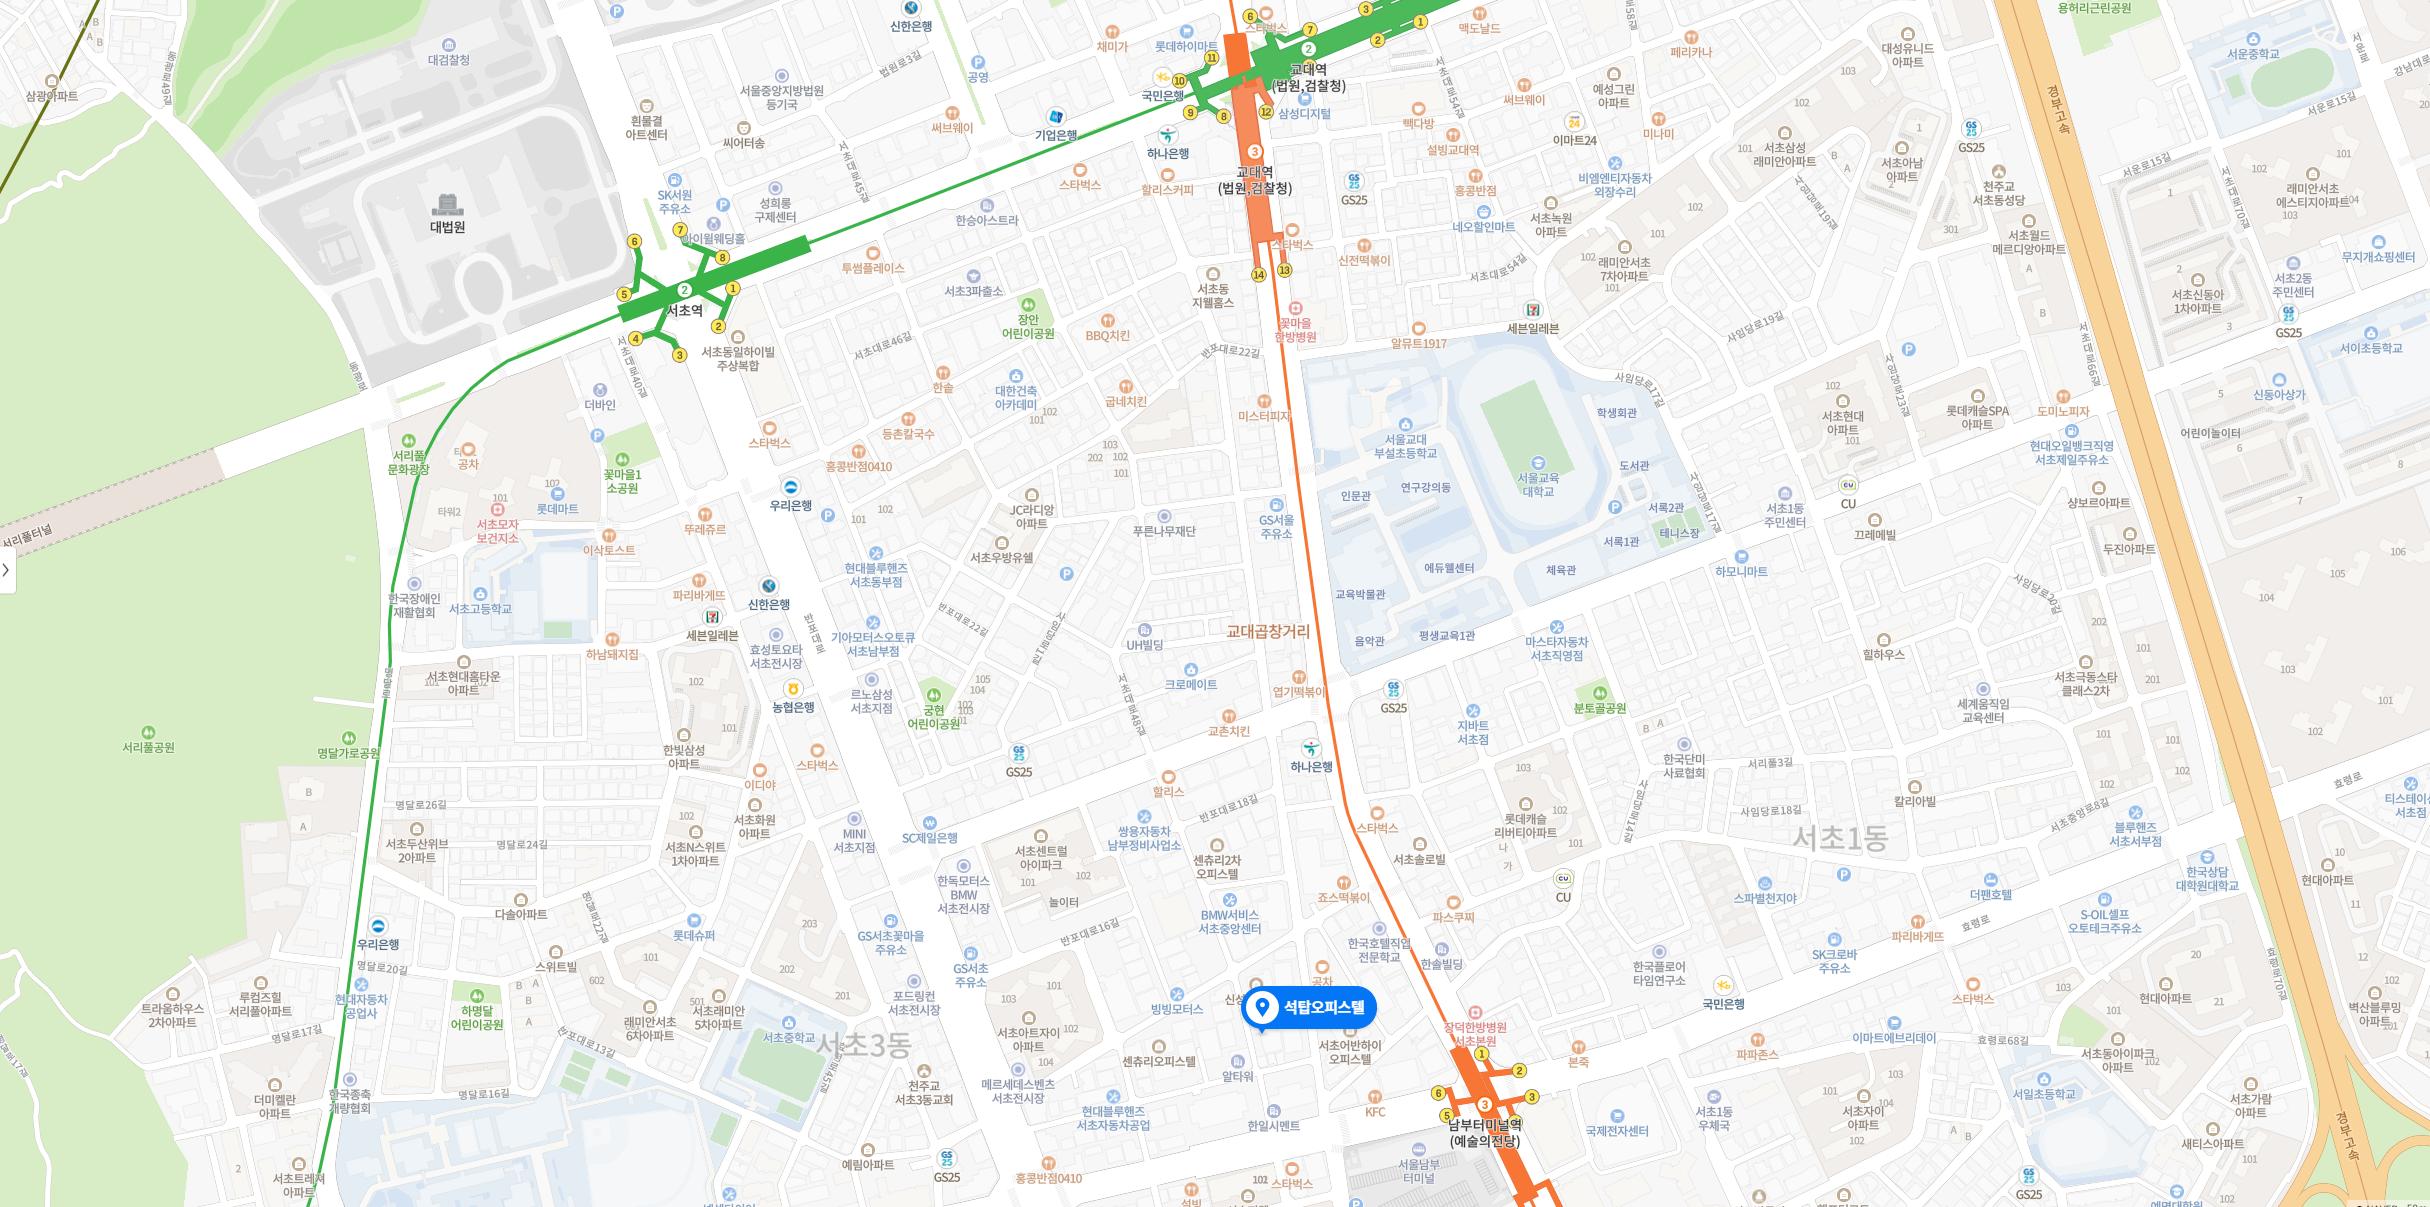 offce_map